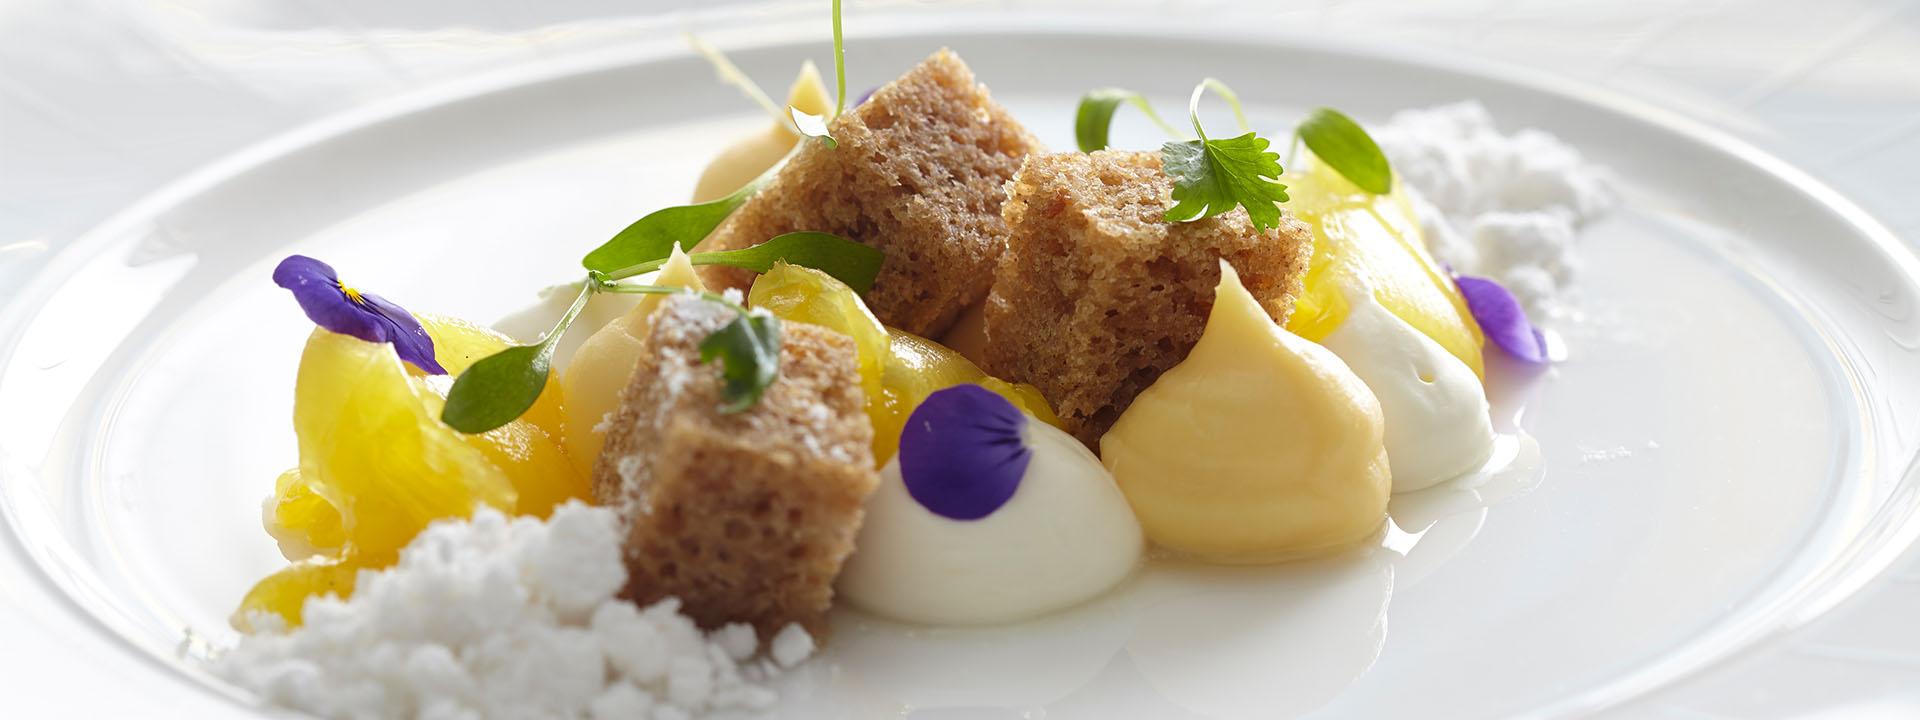 Cubes of sponge cake dessert at The Foyer & Reading Room restaurant in Mayfair at Claridge's